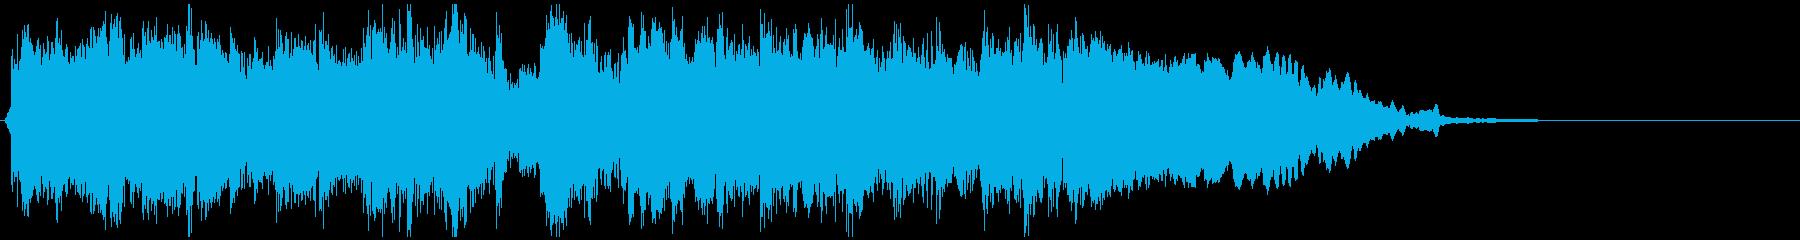 ゴリゴリな和風EDMジングル ※8秒版の再生済みの波形